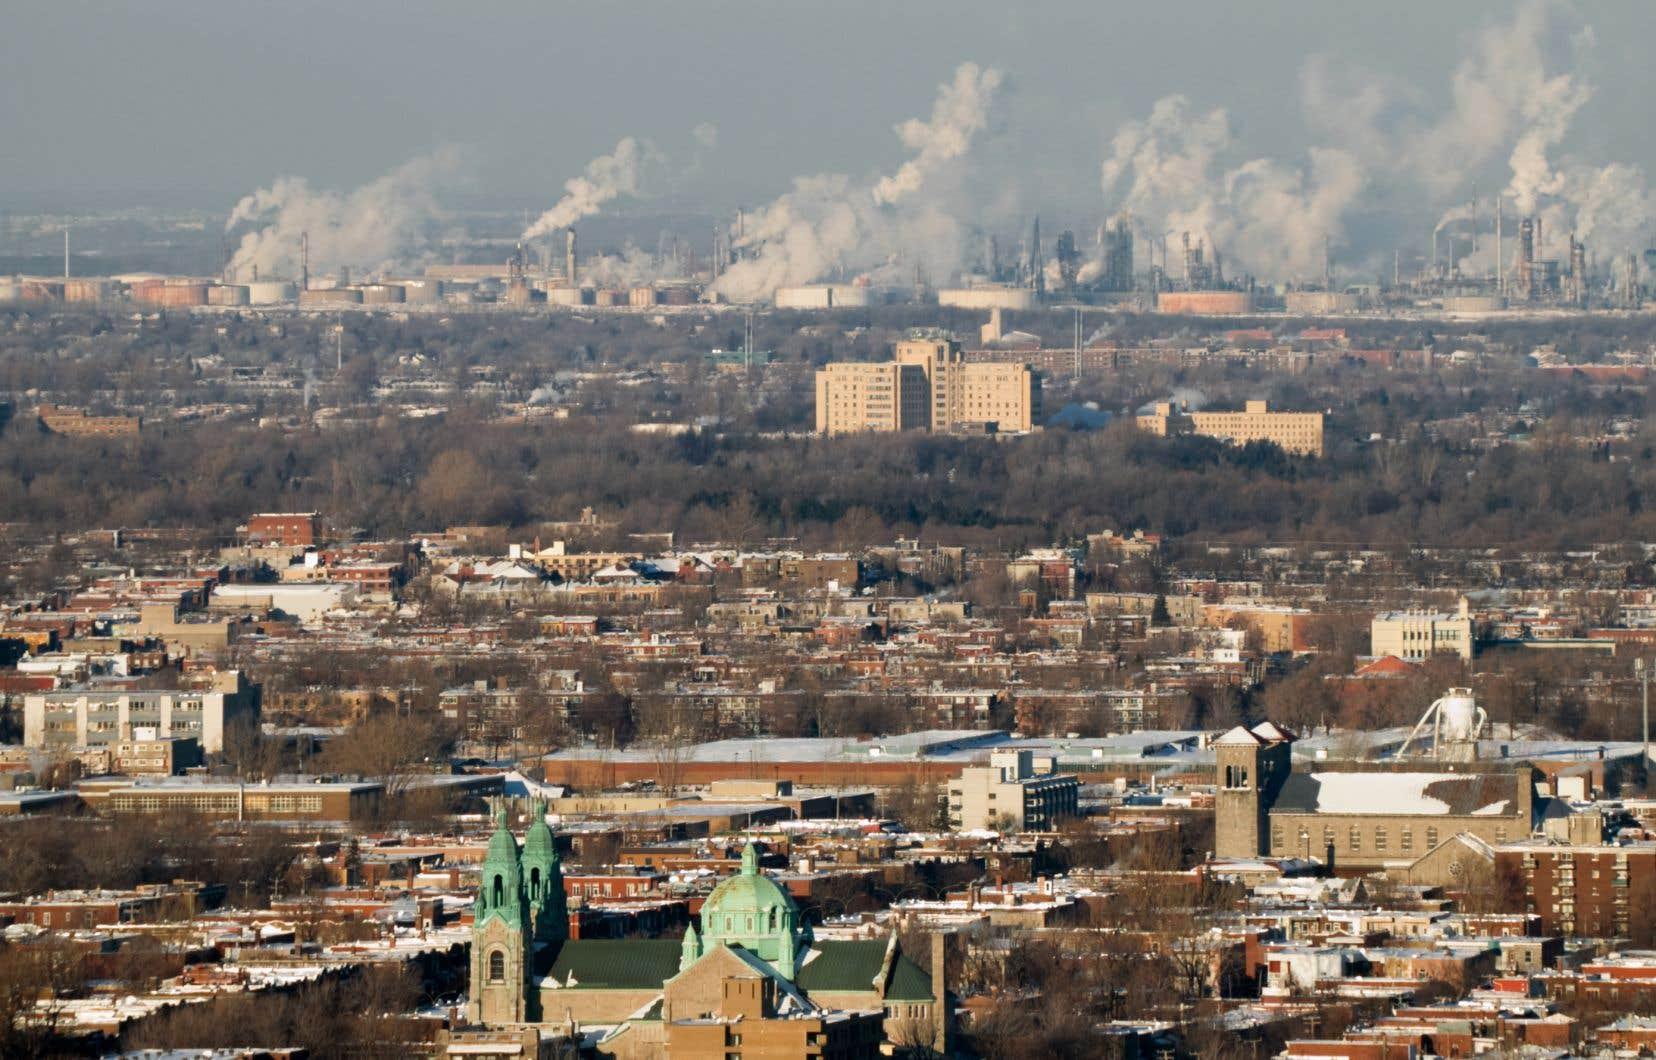 Le Québec s'est engagé à réduire ses émissions de gaz à effet de serre de 37,5% d'ici 2030, mais les efforts sur le terrain progressent trop lentement pour atteindre cette cible, estiment les auteurs.